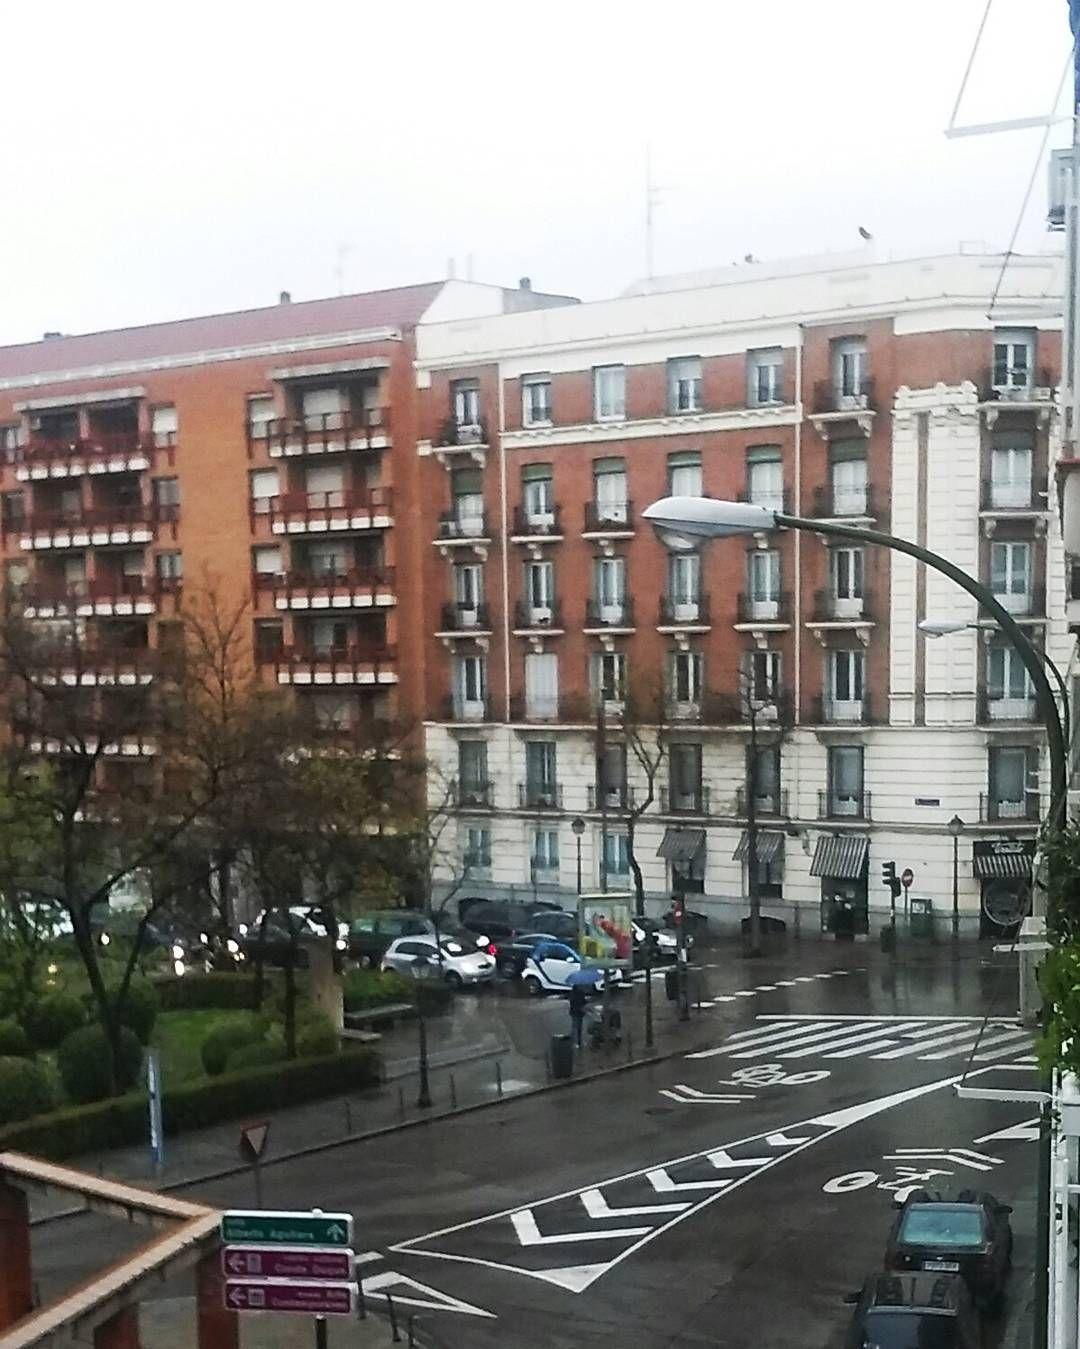 #Ahora #sí! #Bienvenido #abril! #Buenos días para este #lluvioso #lunes!. #macetas a la #calle !!! #condeduquemojado #lluvia #lluvioso #spring #primavera #primaveraencondeduque#floristeriasmadri#condeduquegente##flordelola by flordelola2014